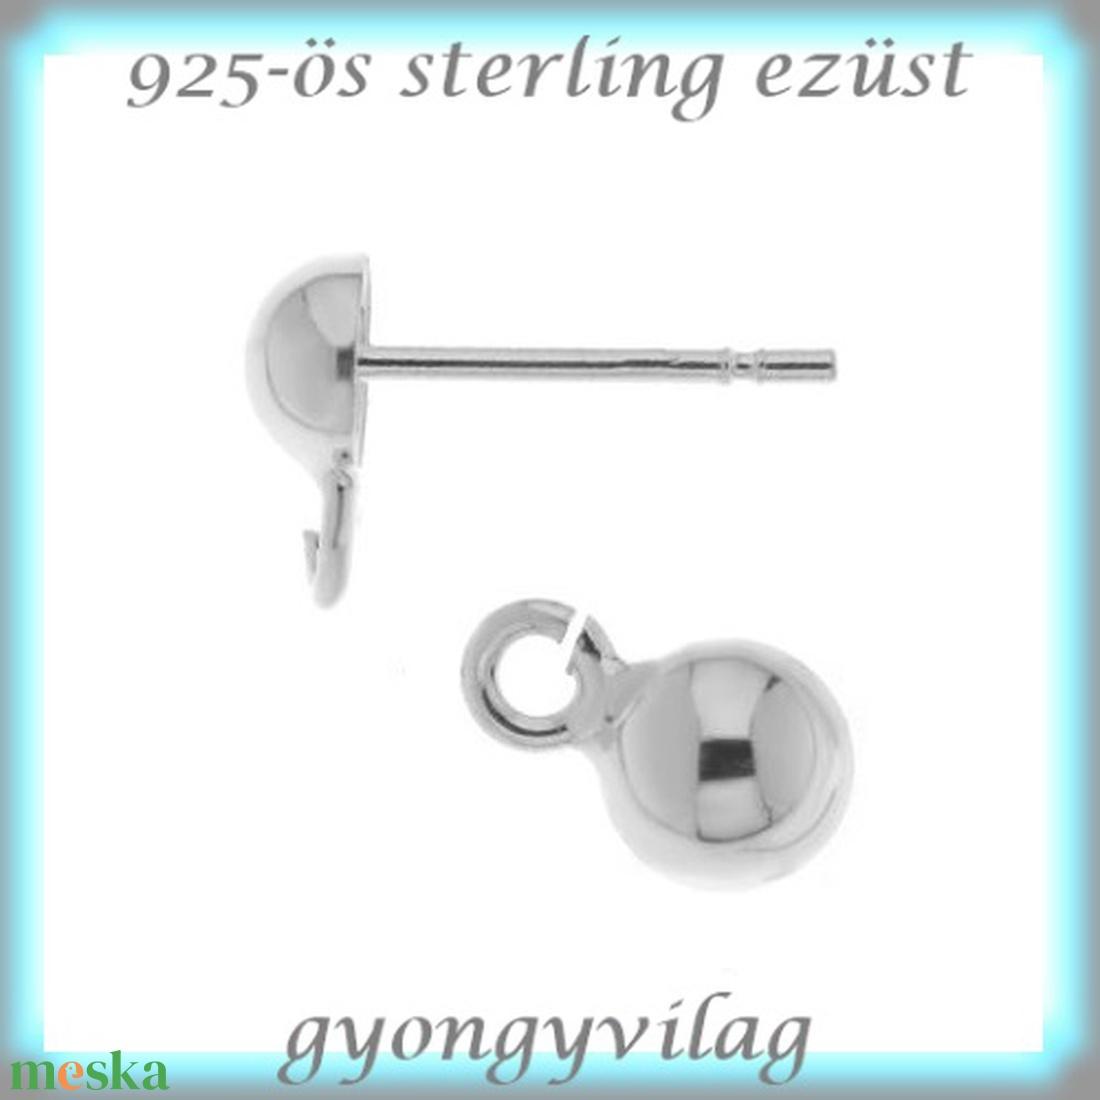 925-ös ezüst fülbevaló kapocs EFK B 33 - gyöngy, ékszerkellék - egyéb alkatrész - Meska.hu